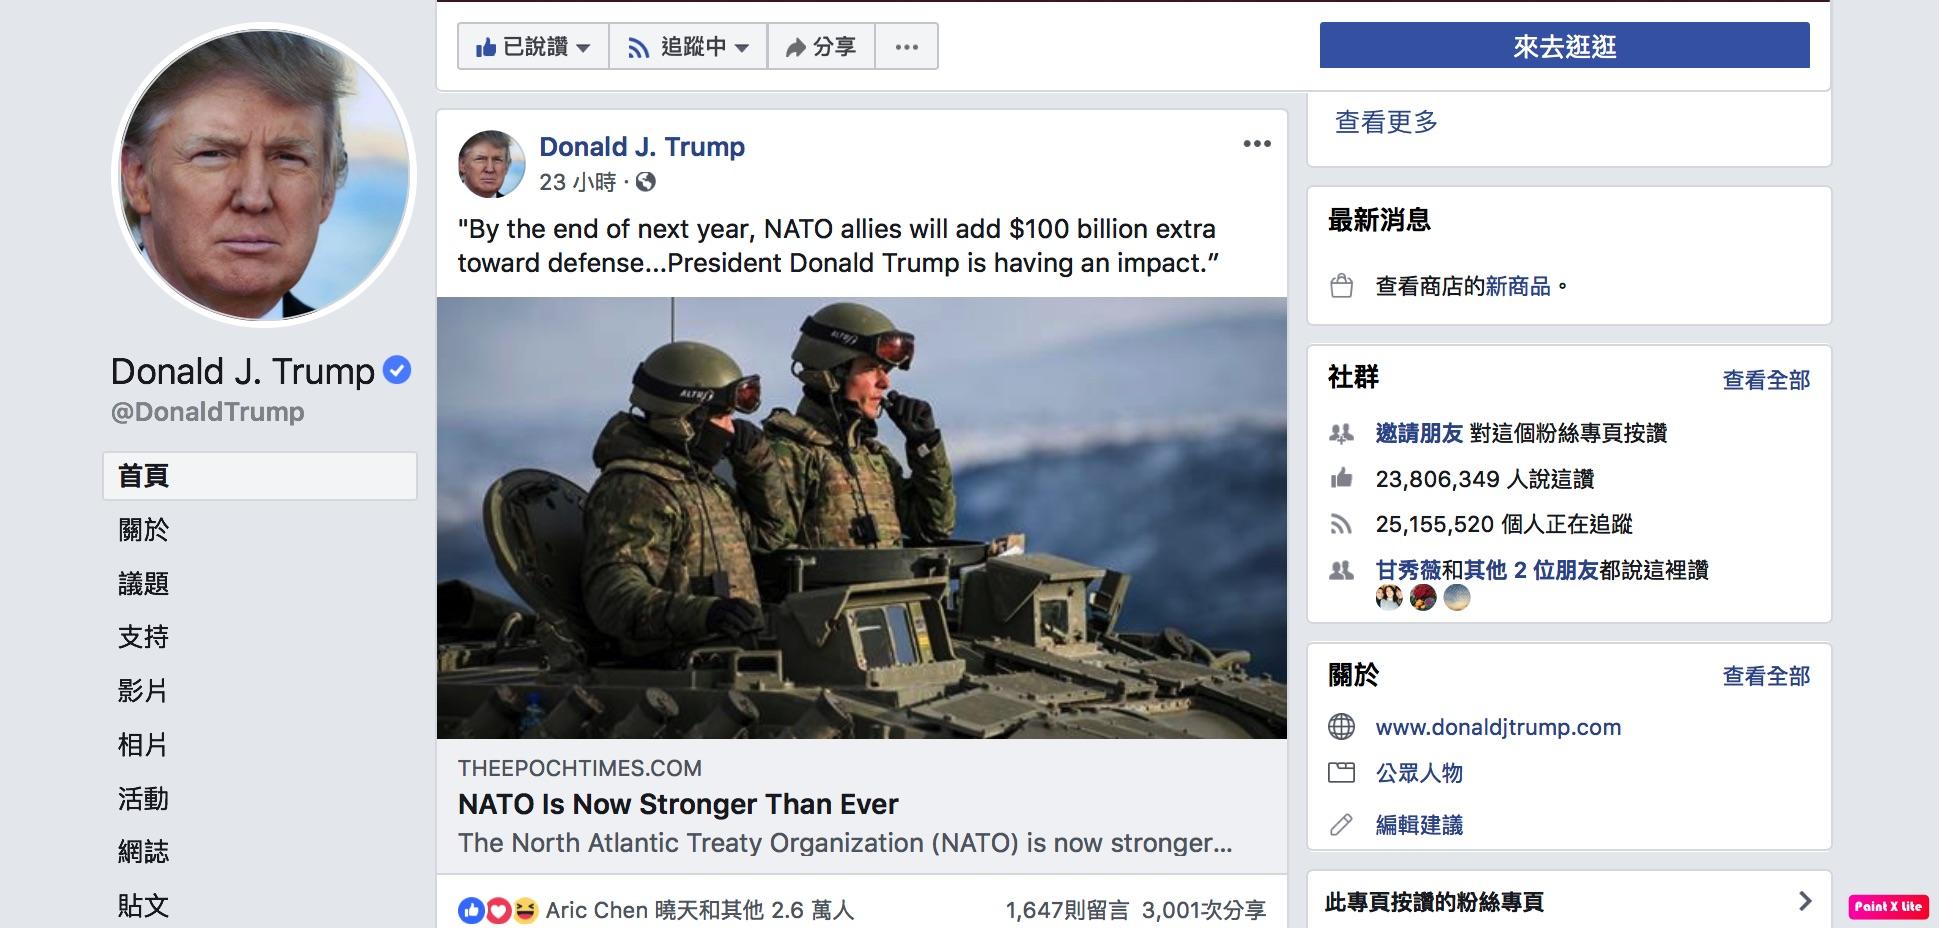 特朗普臉書再轉發英文大紀元專欄文章